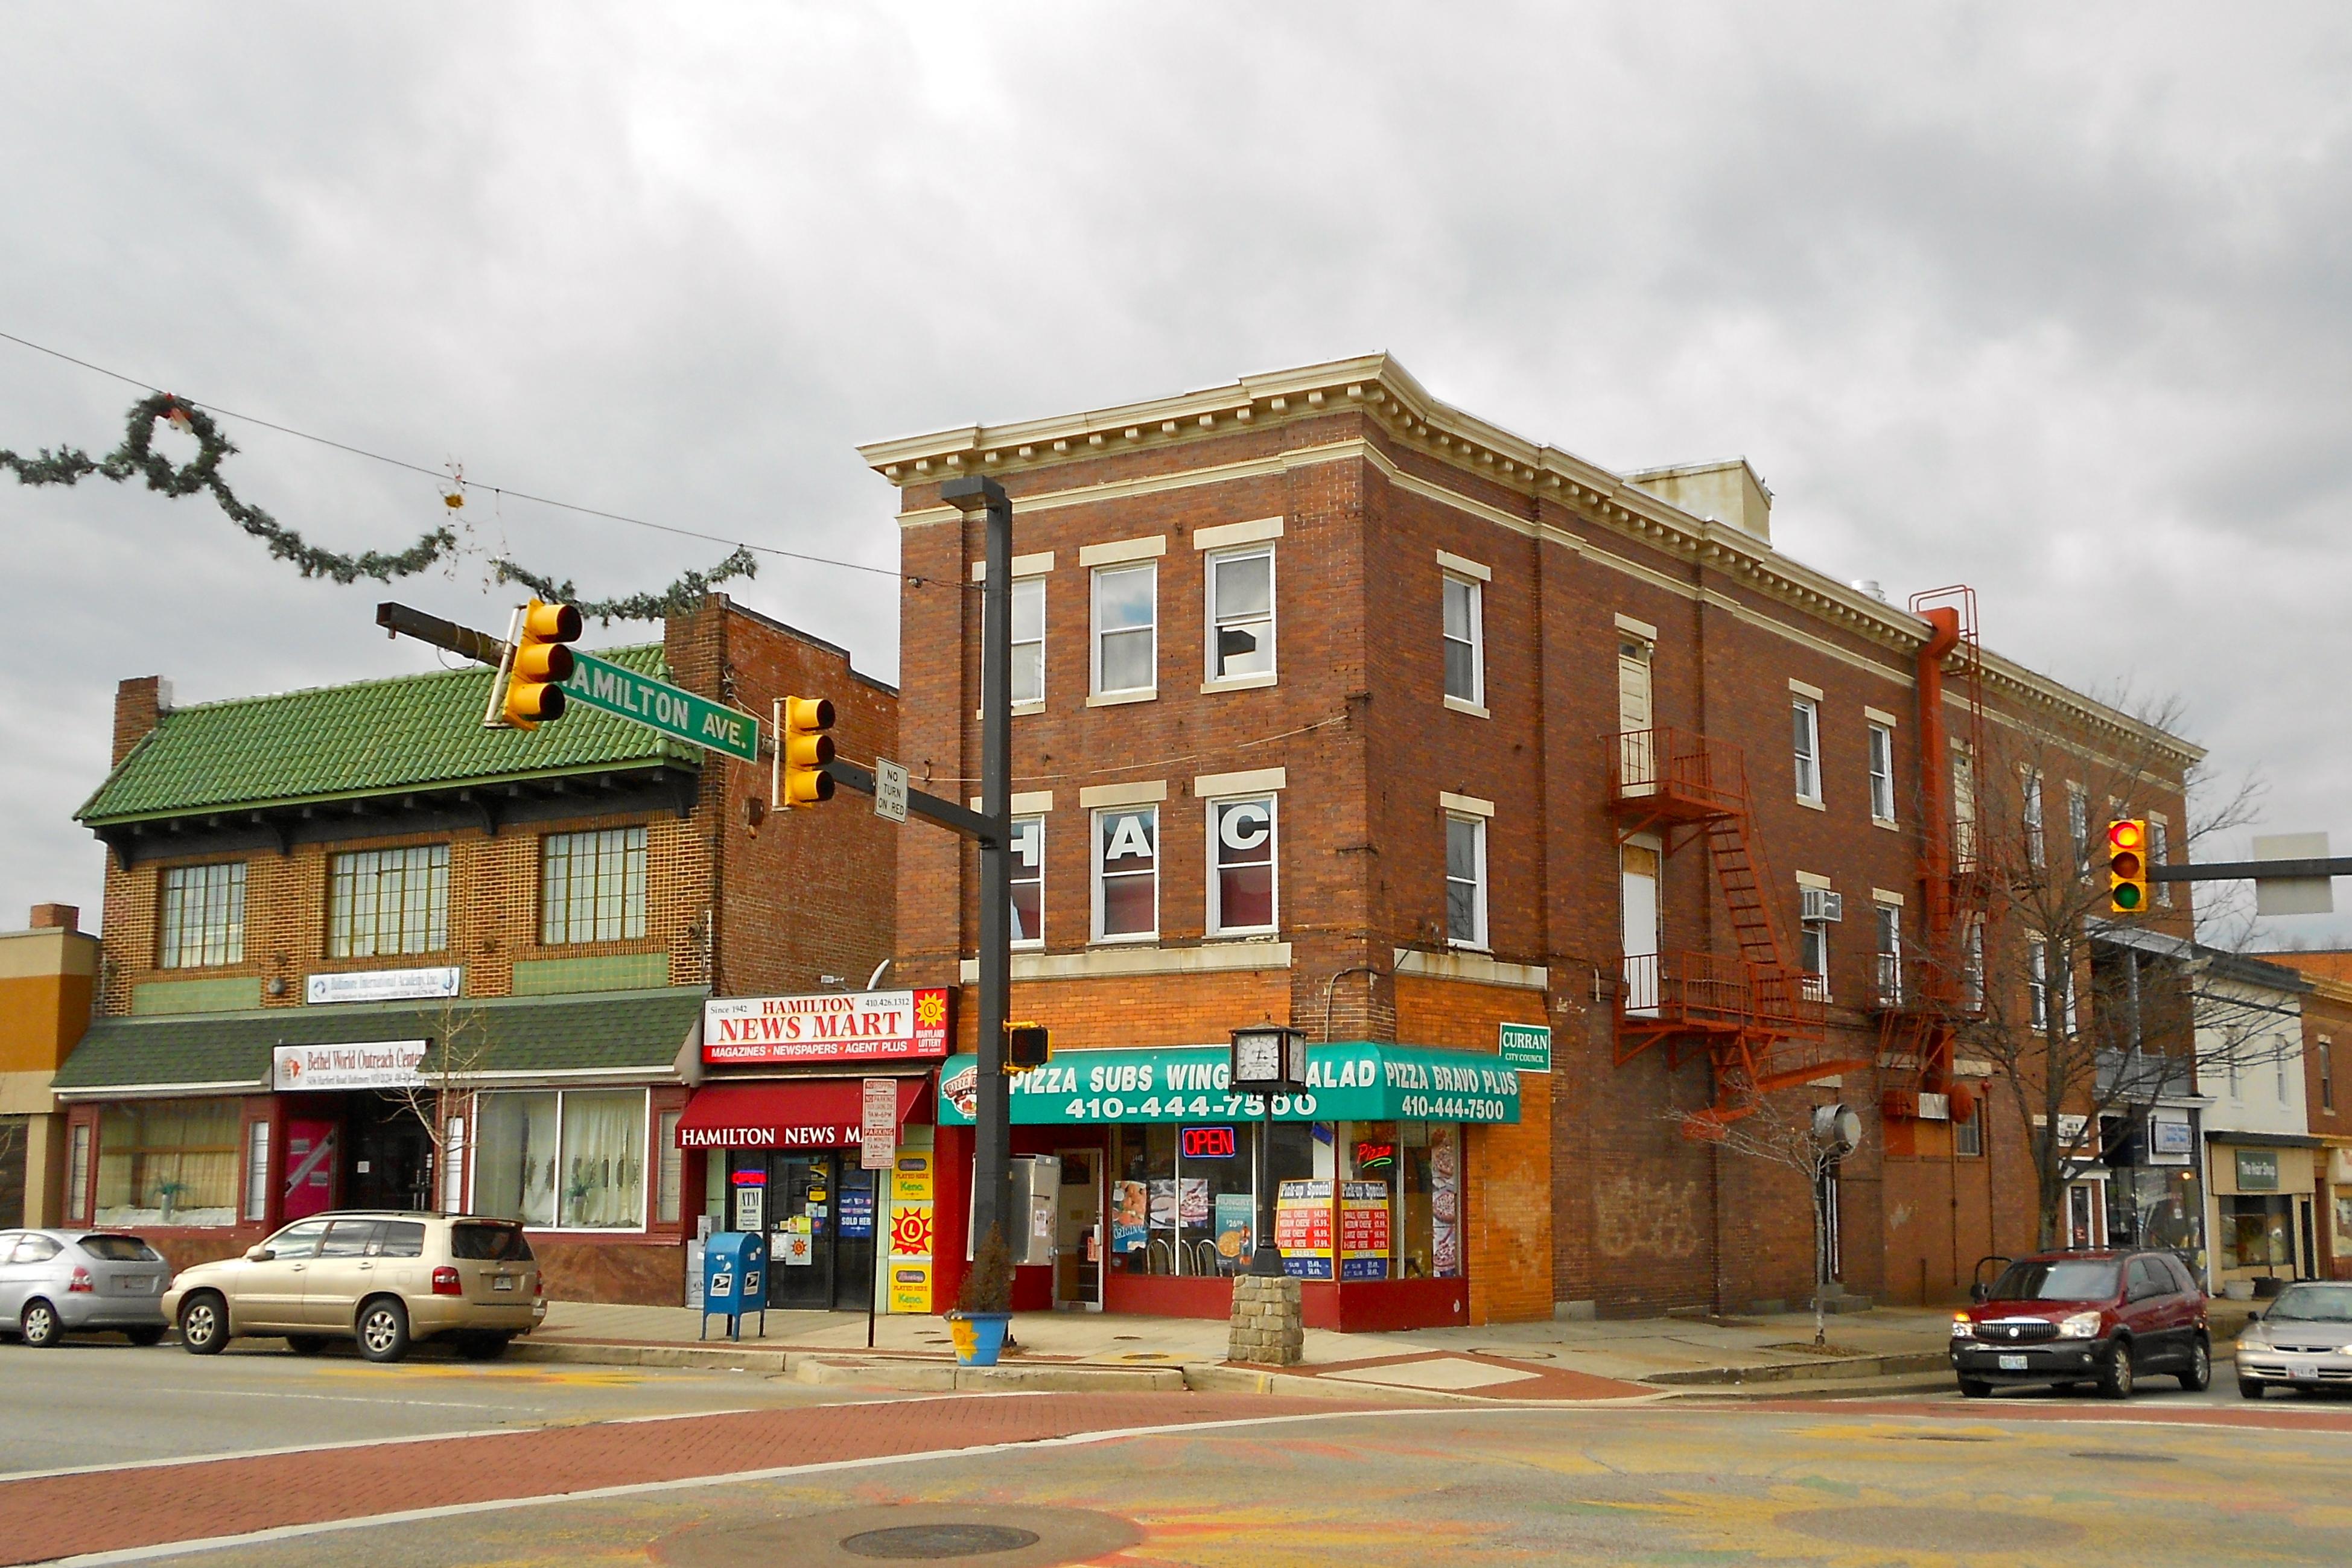 Hamilton, Baltimore - Wikipedia